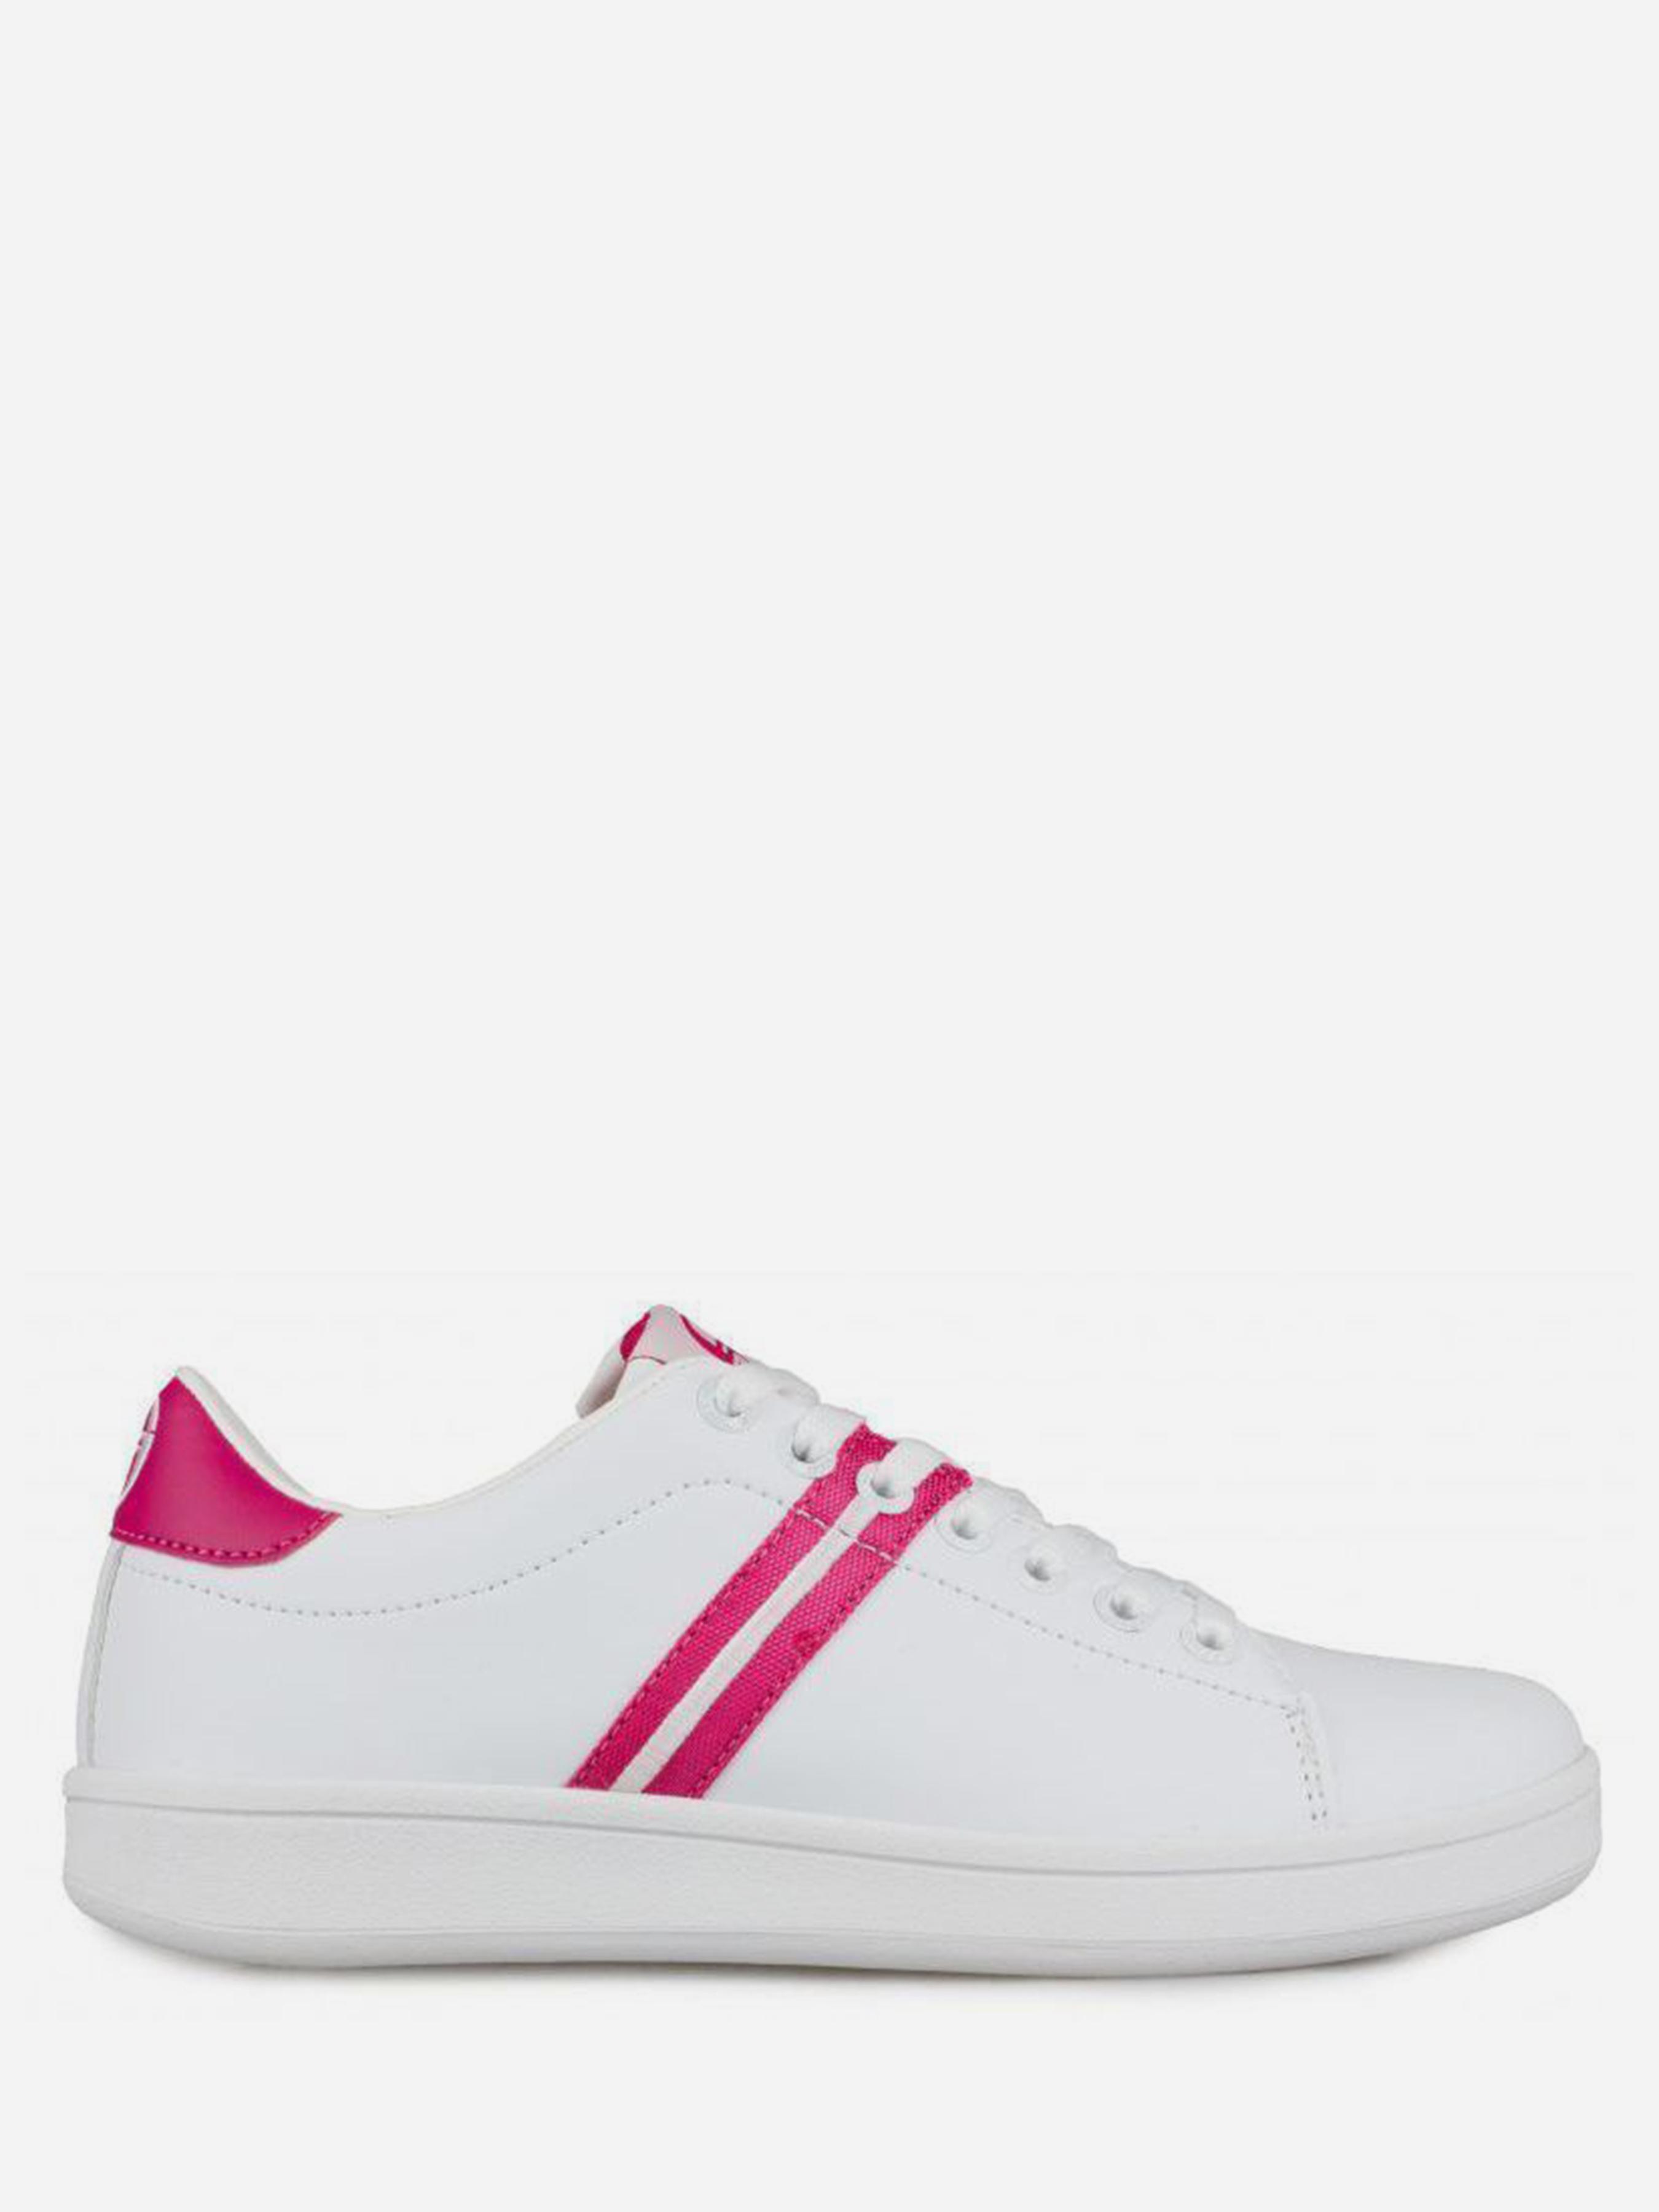 Полуботинки женские Sergio Tacchini 2U14 купить обувь, 2017